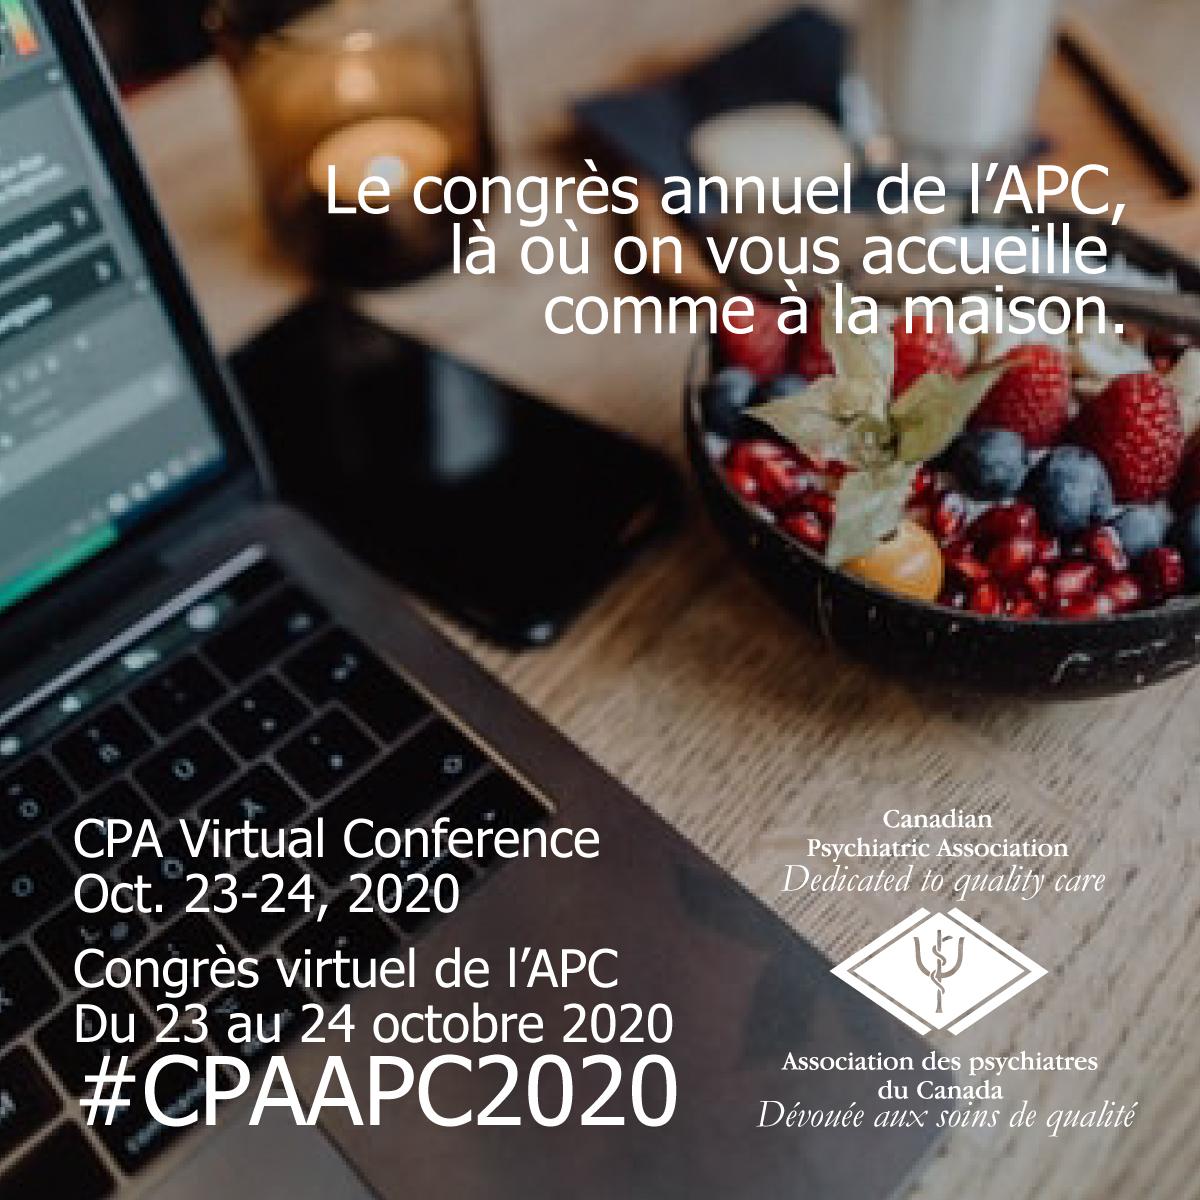 Congrès virtuel de l'@CPA_APC – Du 23 au 24 octobre 2020  : Là où on vous accueille comme à la maison.  Inscrivez-vous maintenant!   #CPAPC2020 #psychiatry #psychiatrie  https://t.co/A7nTsICImK https://t.co/ITJLbZy1E3